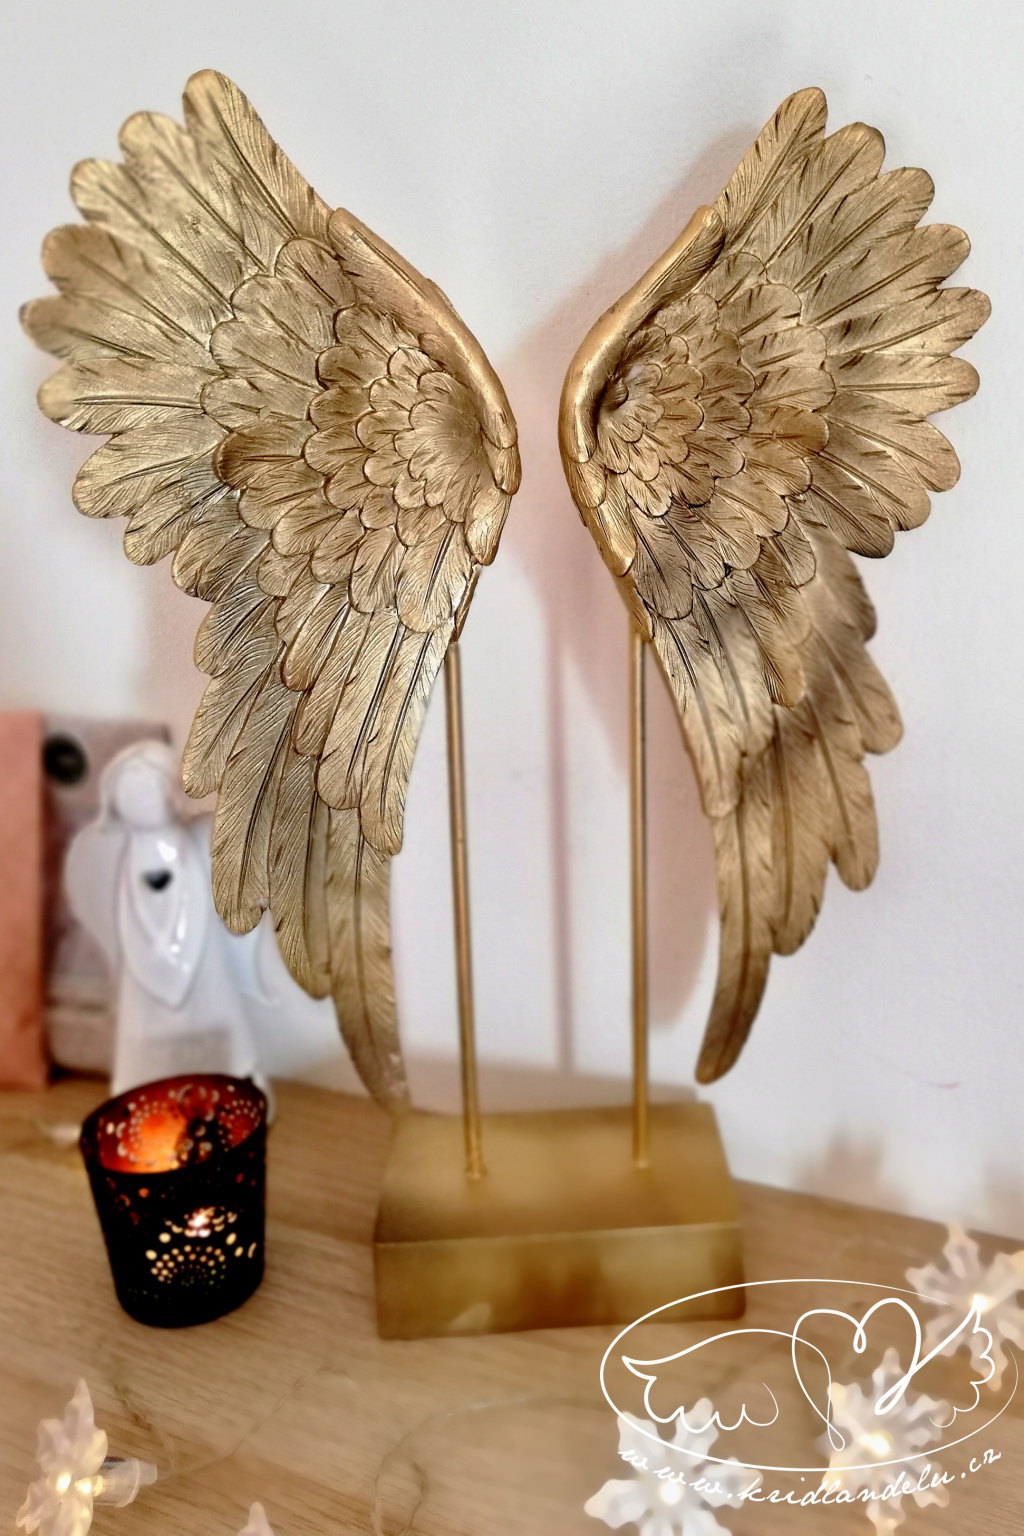 Andělská křídla  - Zlatá záře andělů 41cm